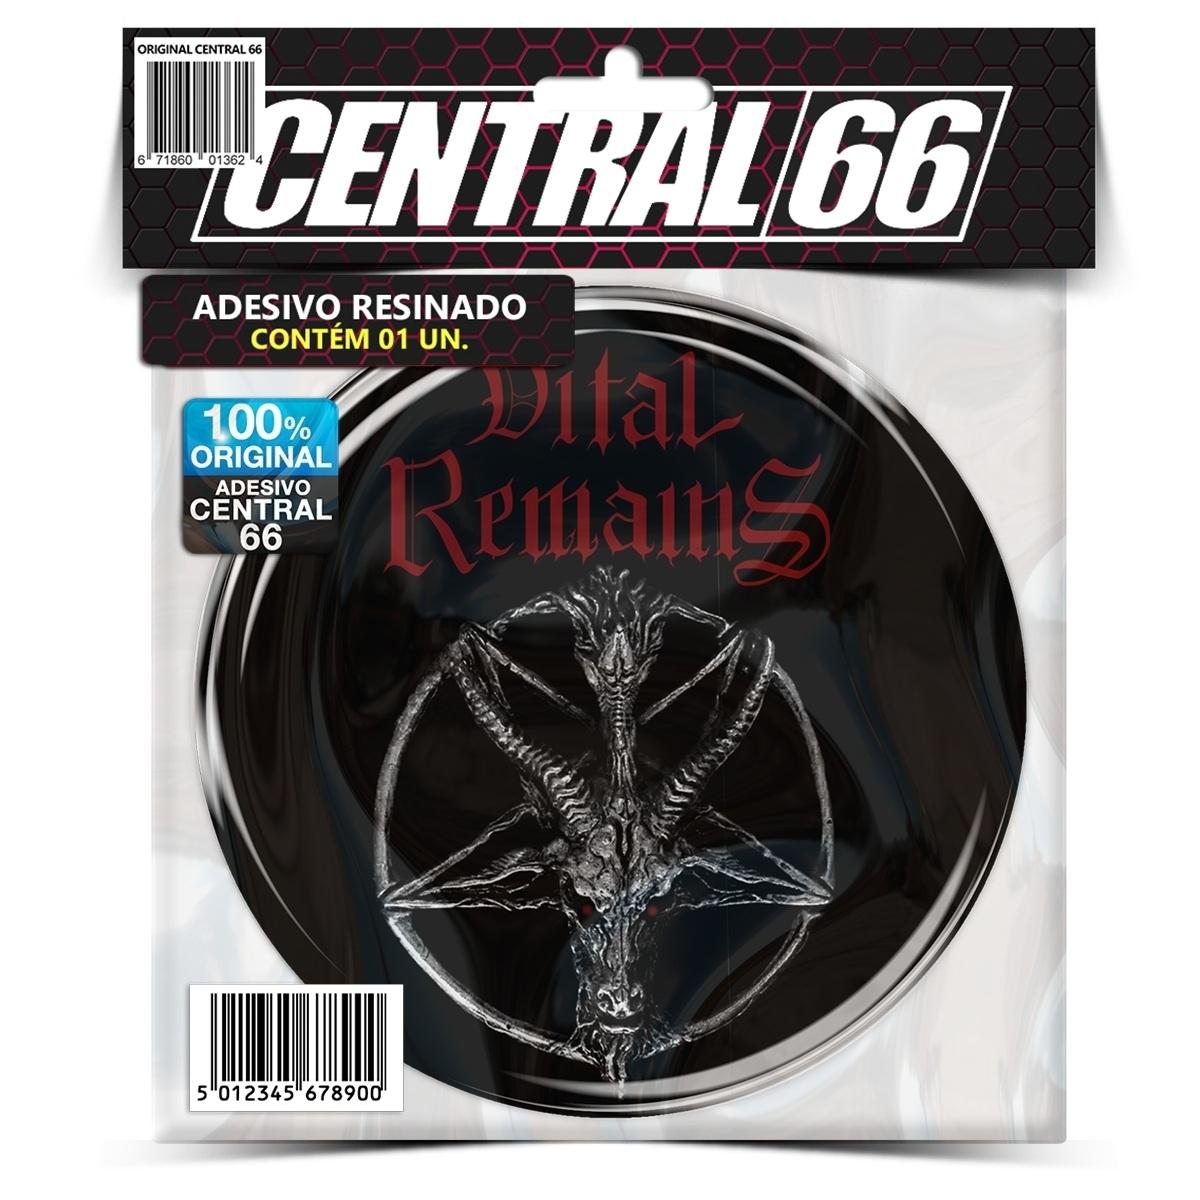 Adesivo Redondo Vital Remains Pentagrama Bode  – Central 66